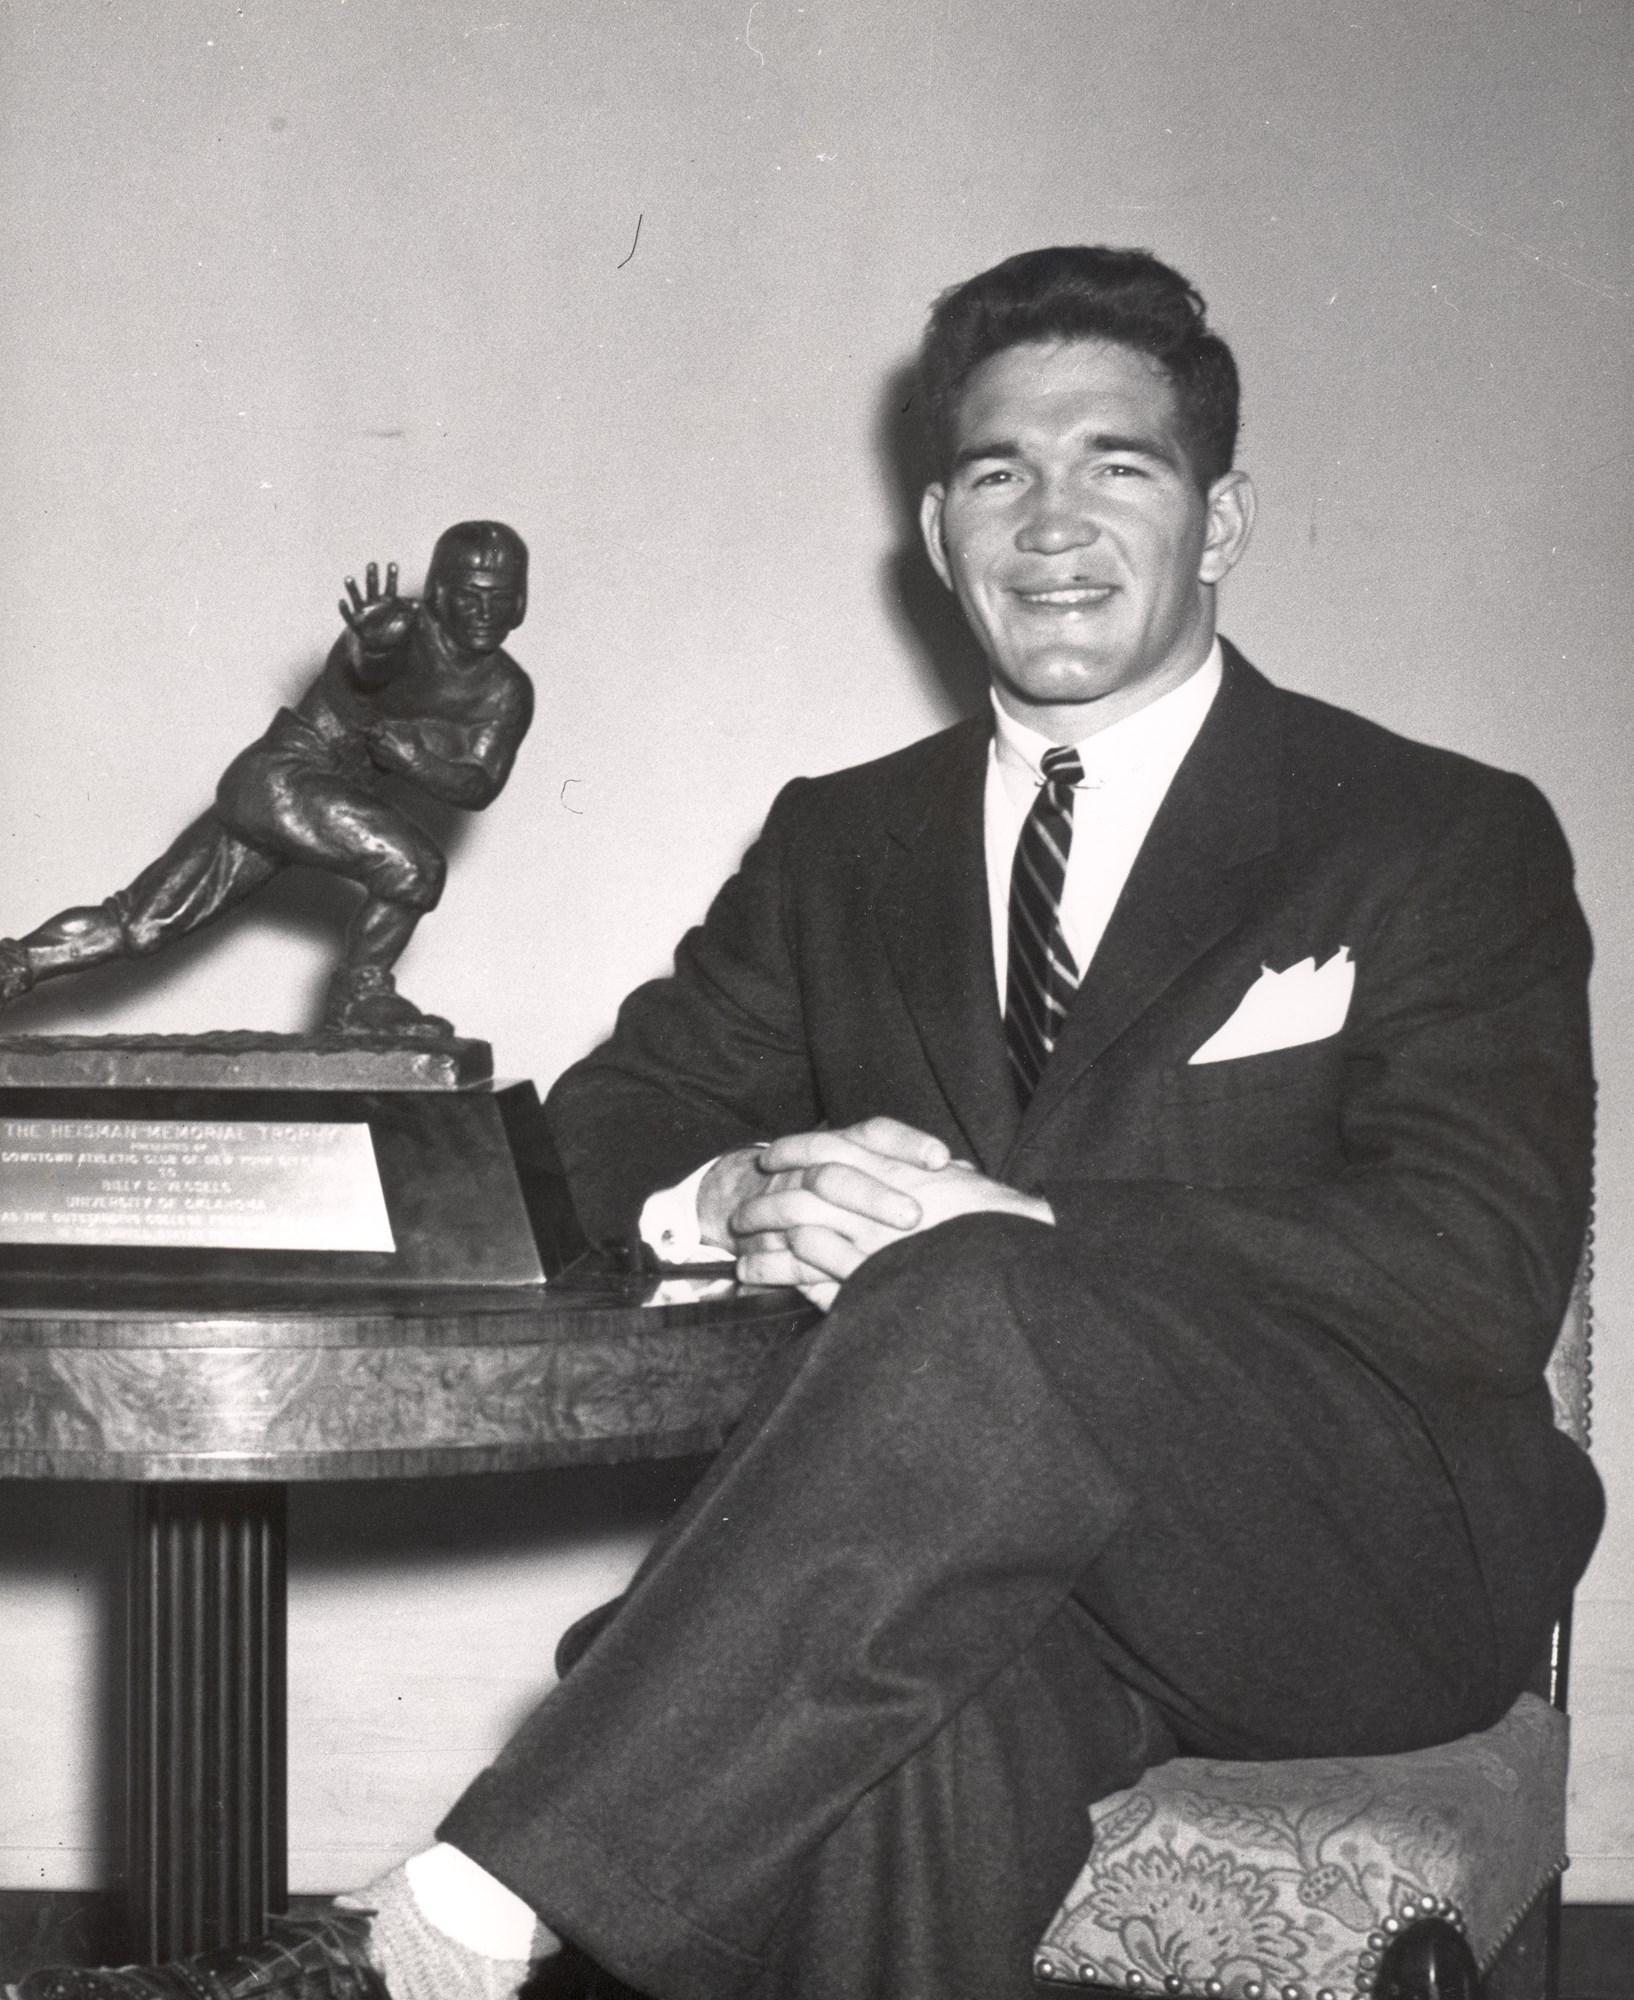 Billy Vessels - 1952 Heisman Trophy Winner